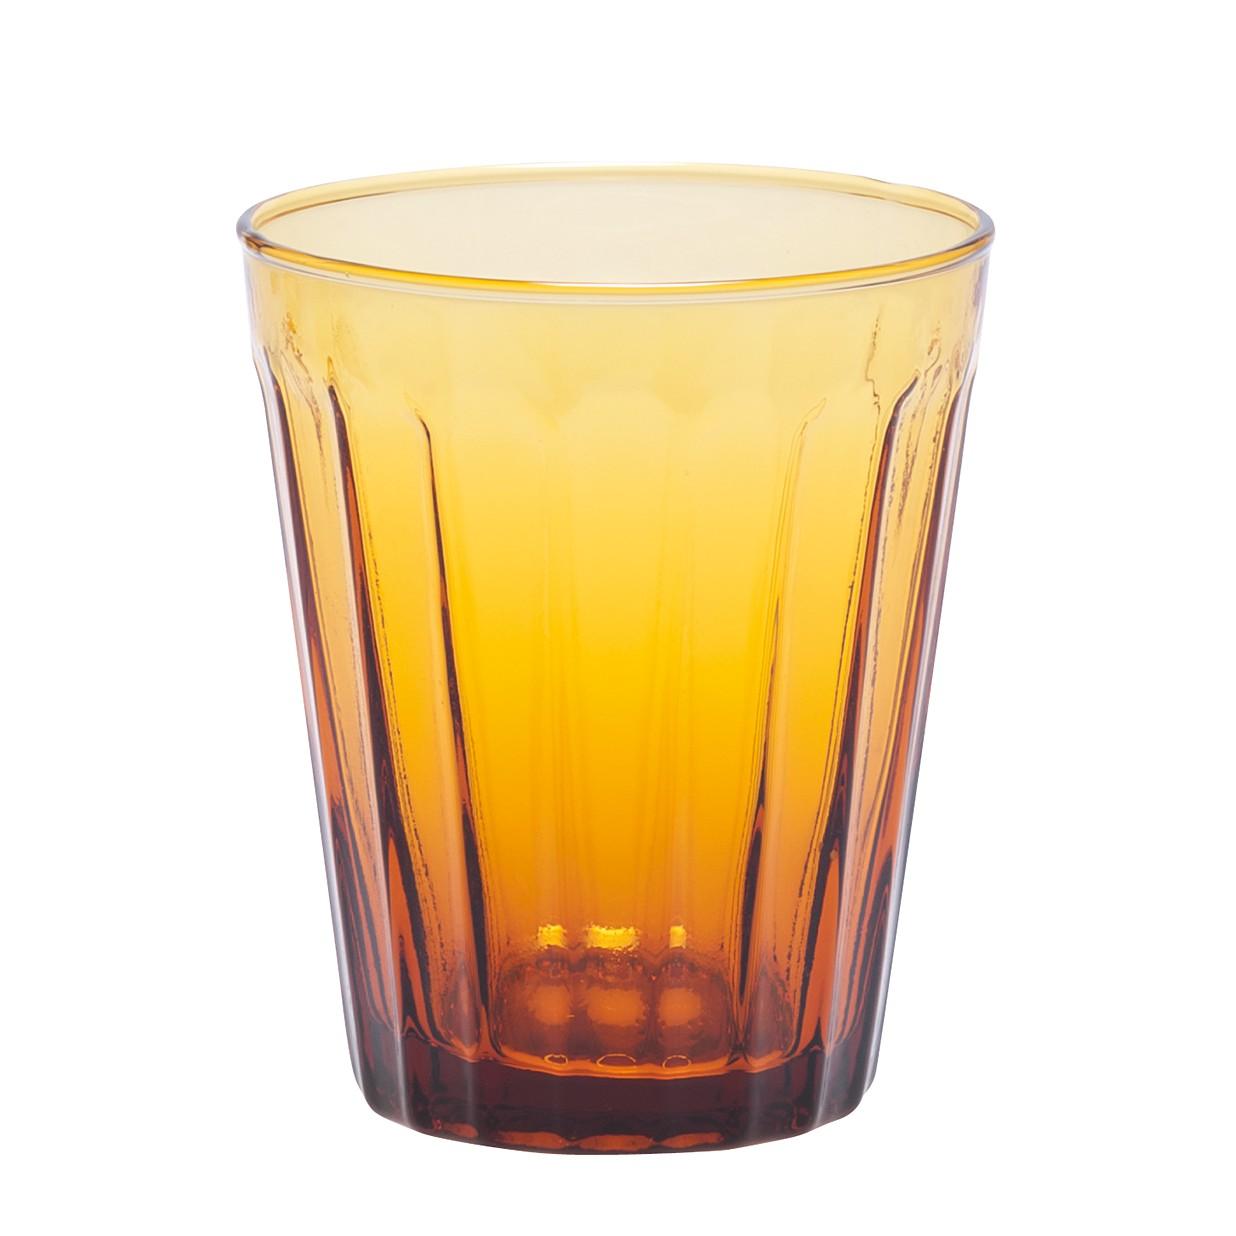 Trinkglas Lucca (6er-Set) – Glas – Bernstein, BITOSSI HOME günstig bestellen